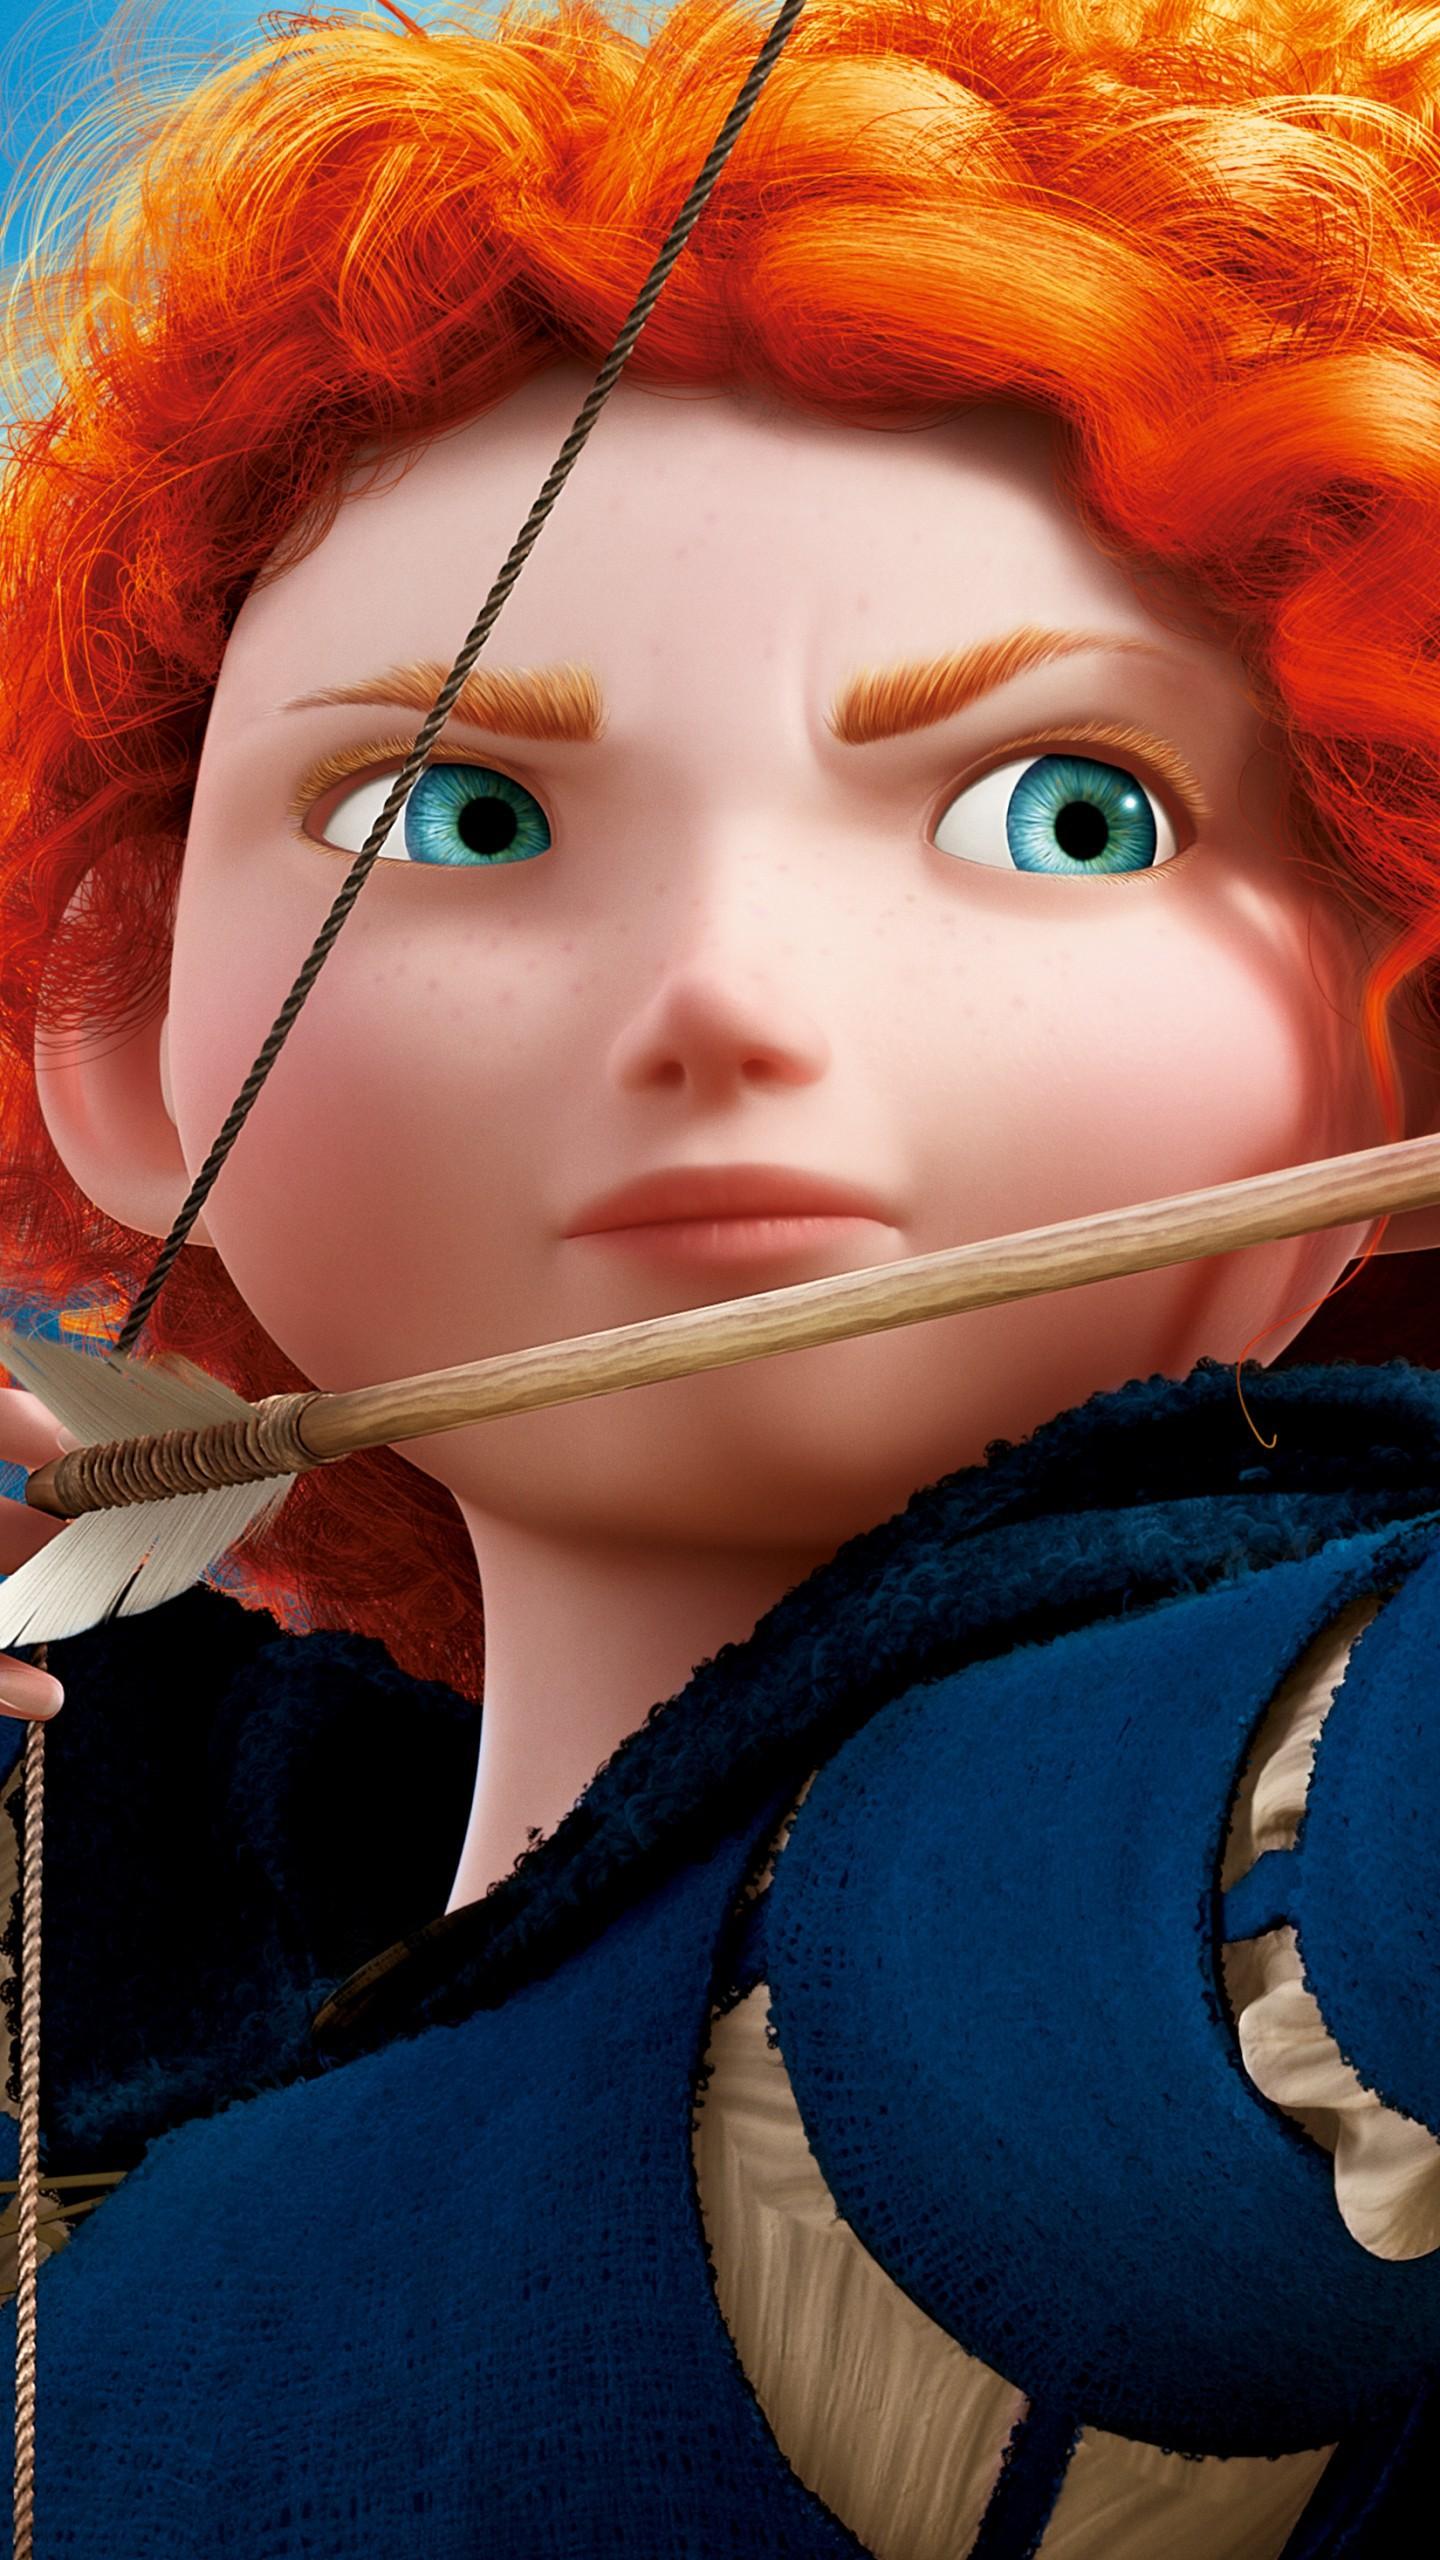 عکس زمینه انیمیشن پرنسس مریدا شاهزاده خانم شجاع پس زمینه